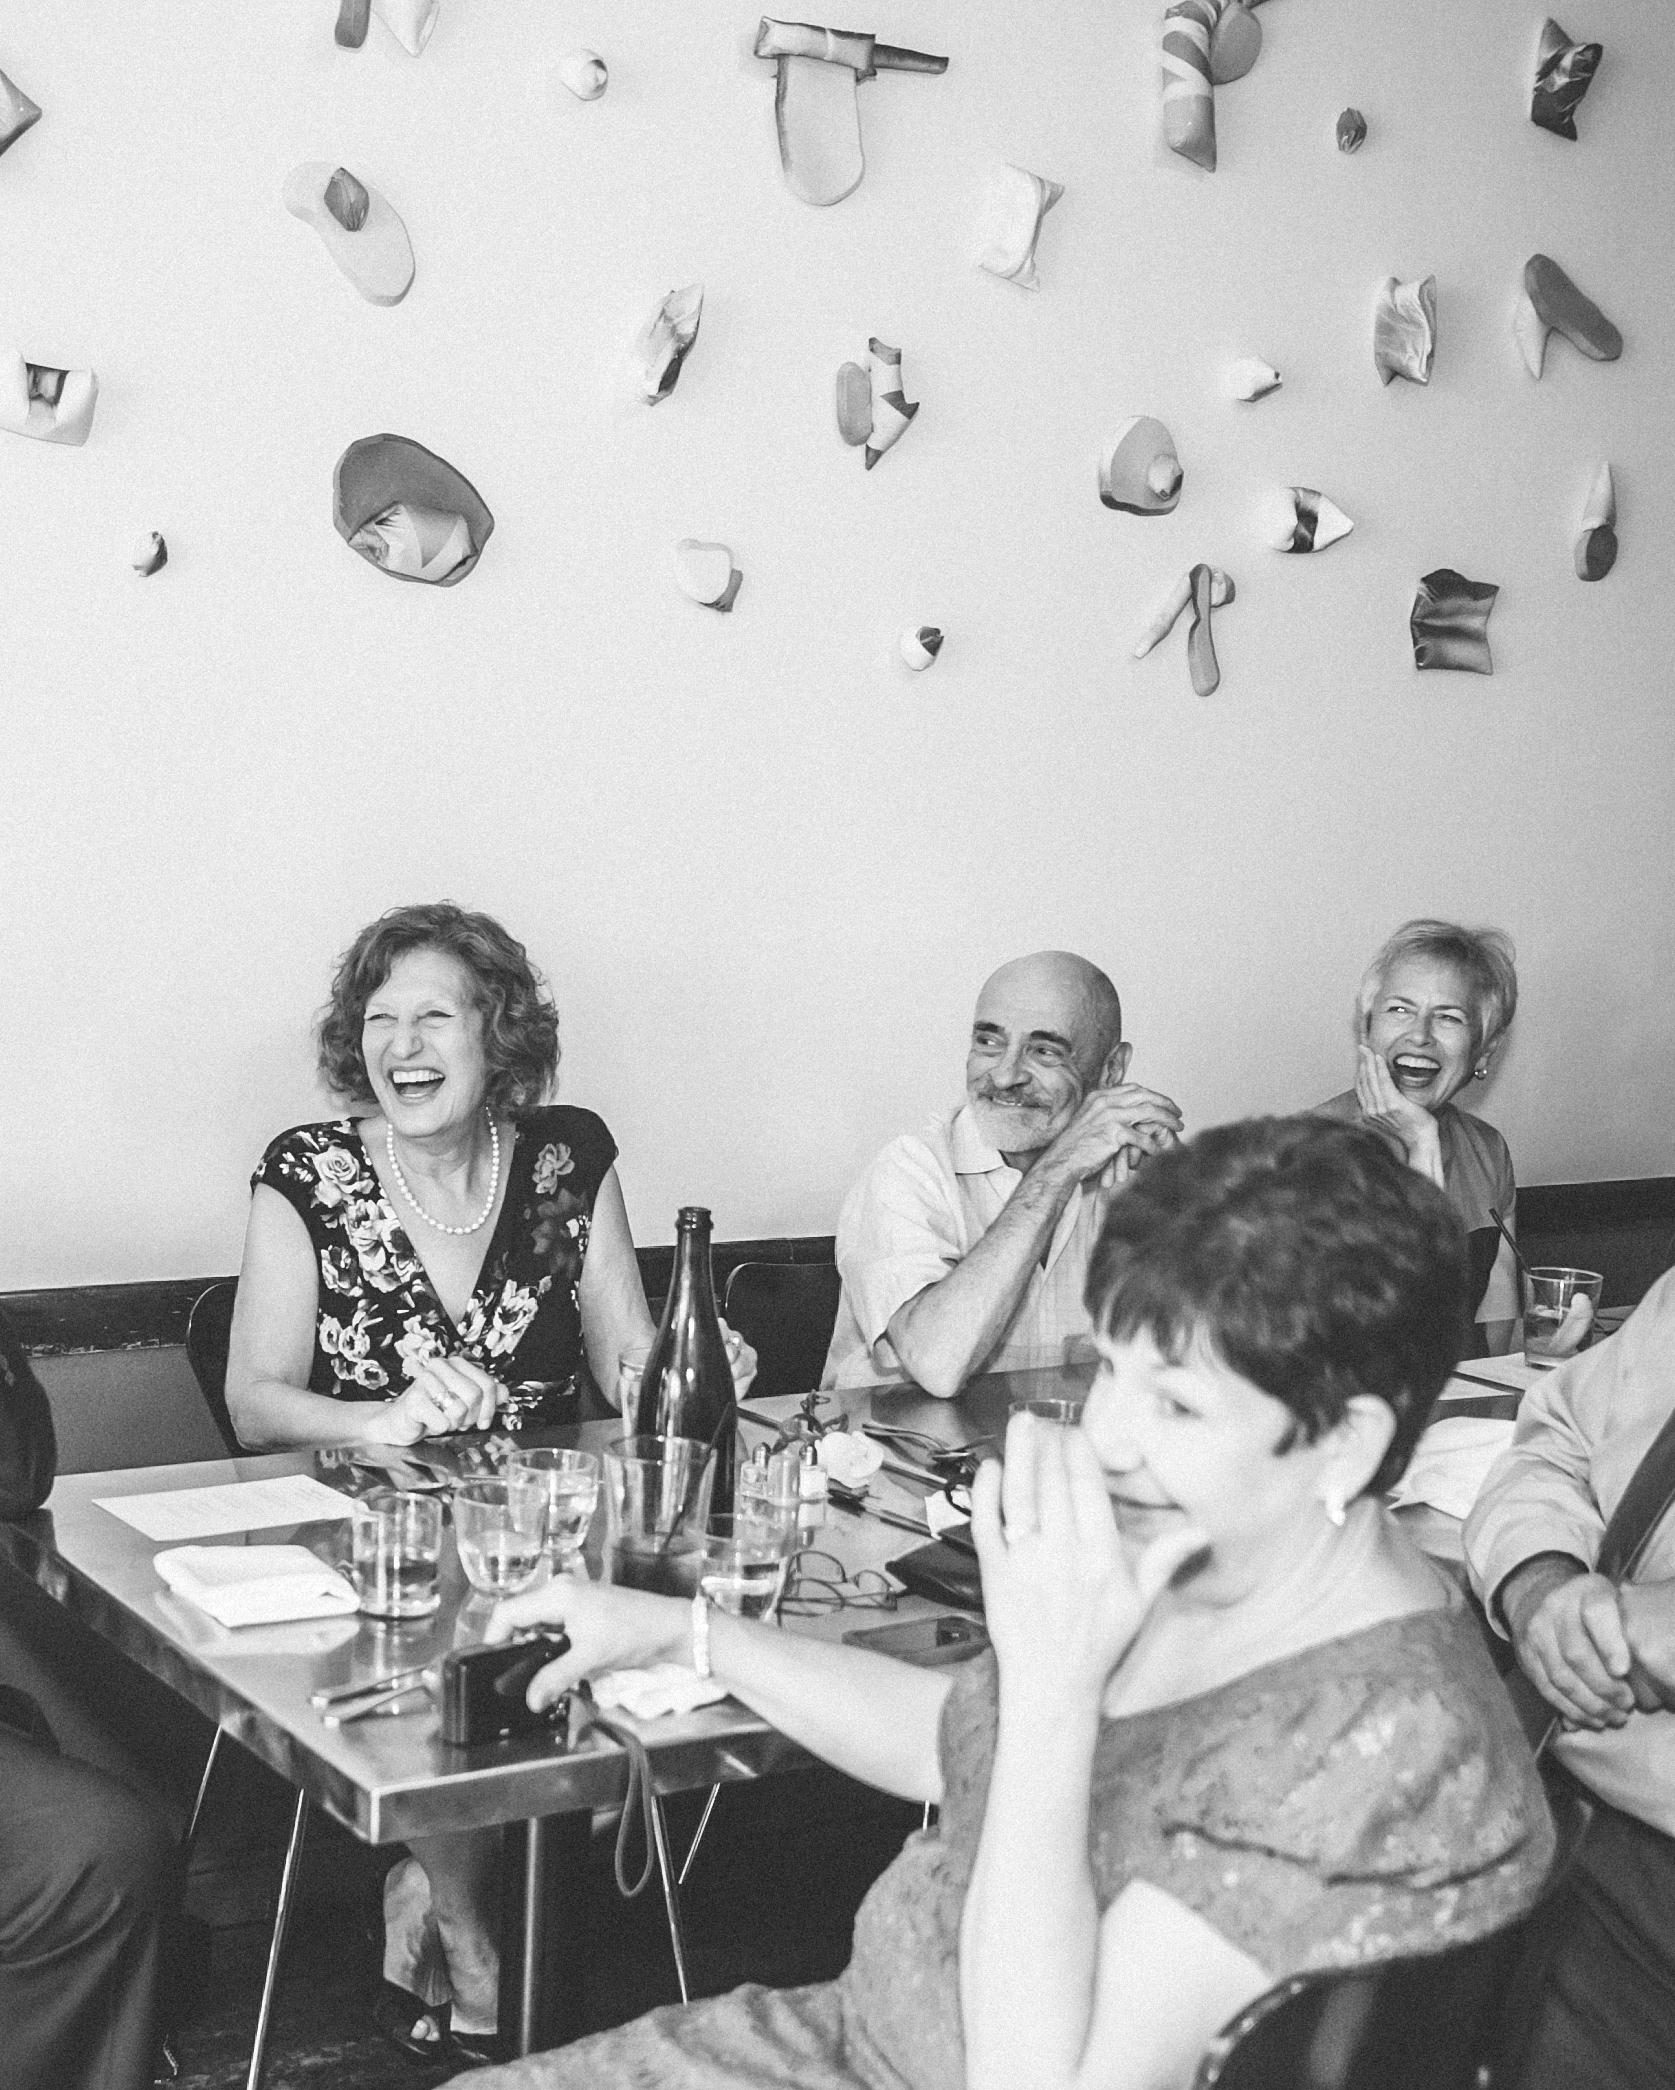 sadie-brandon-wedding-toasts-125-ss112173-0915.jpg